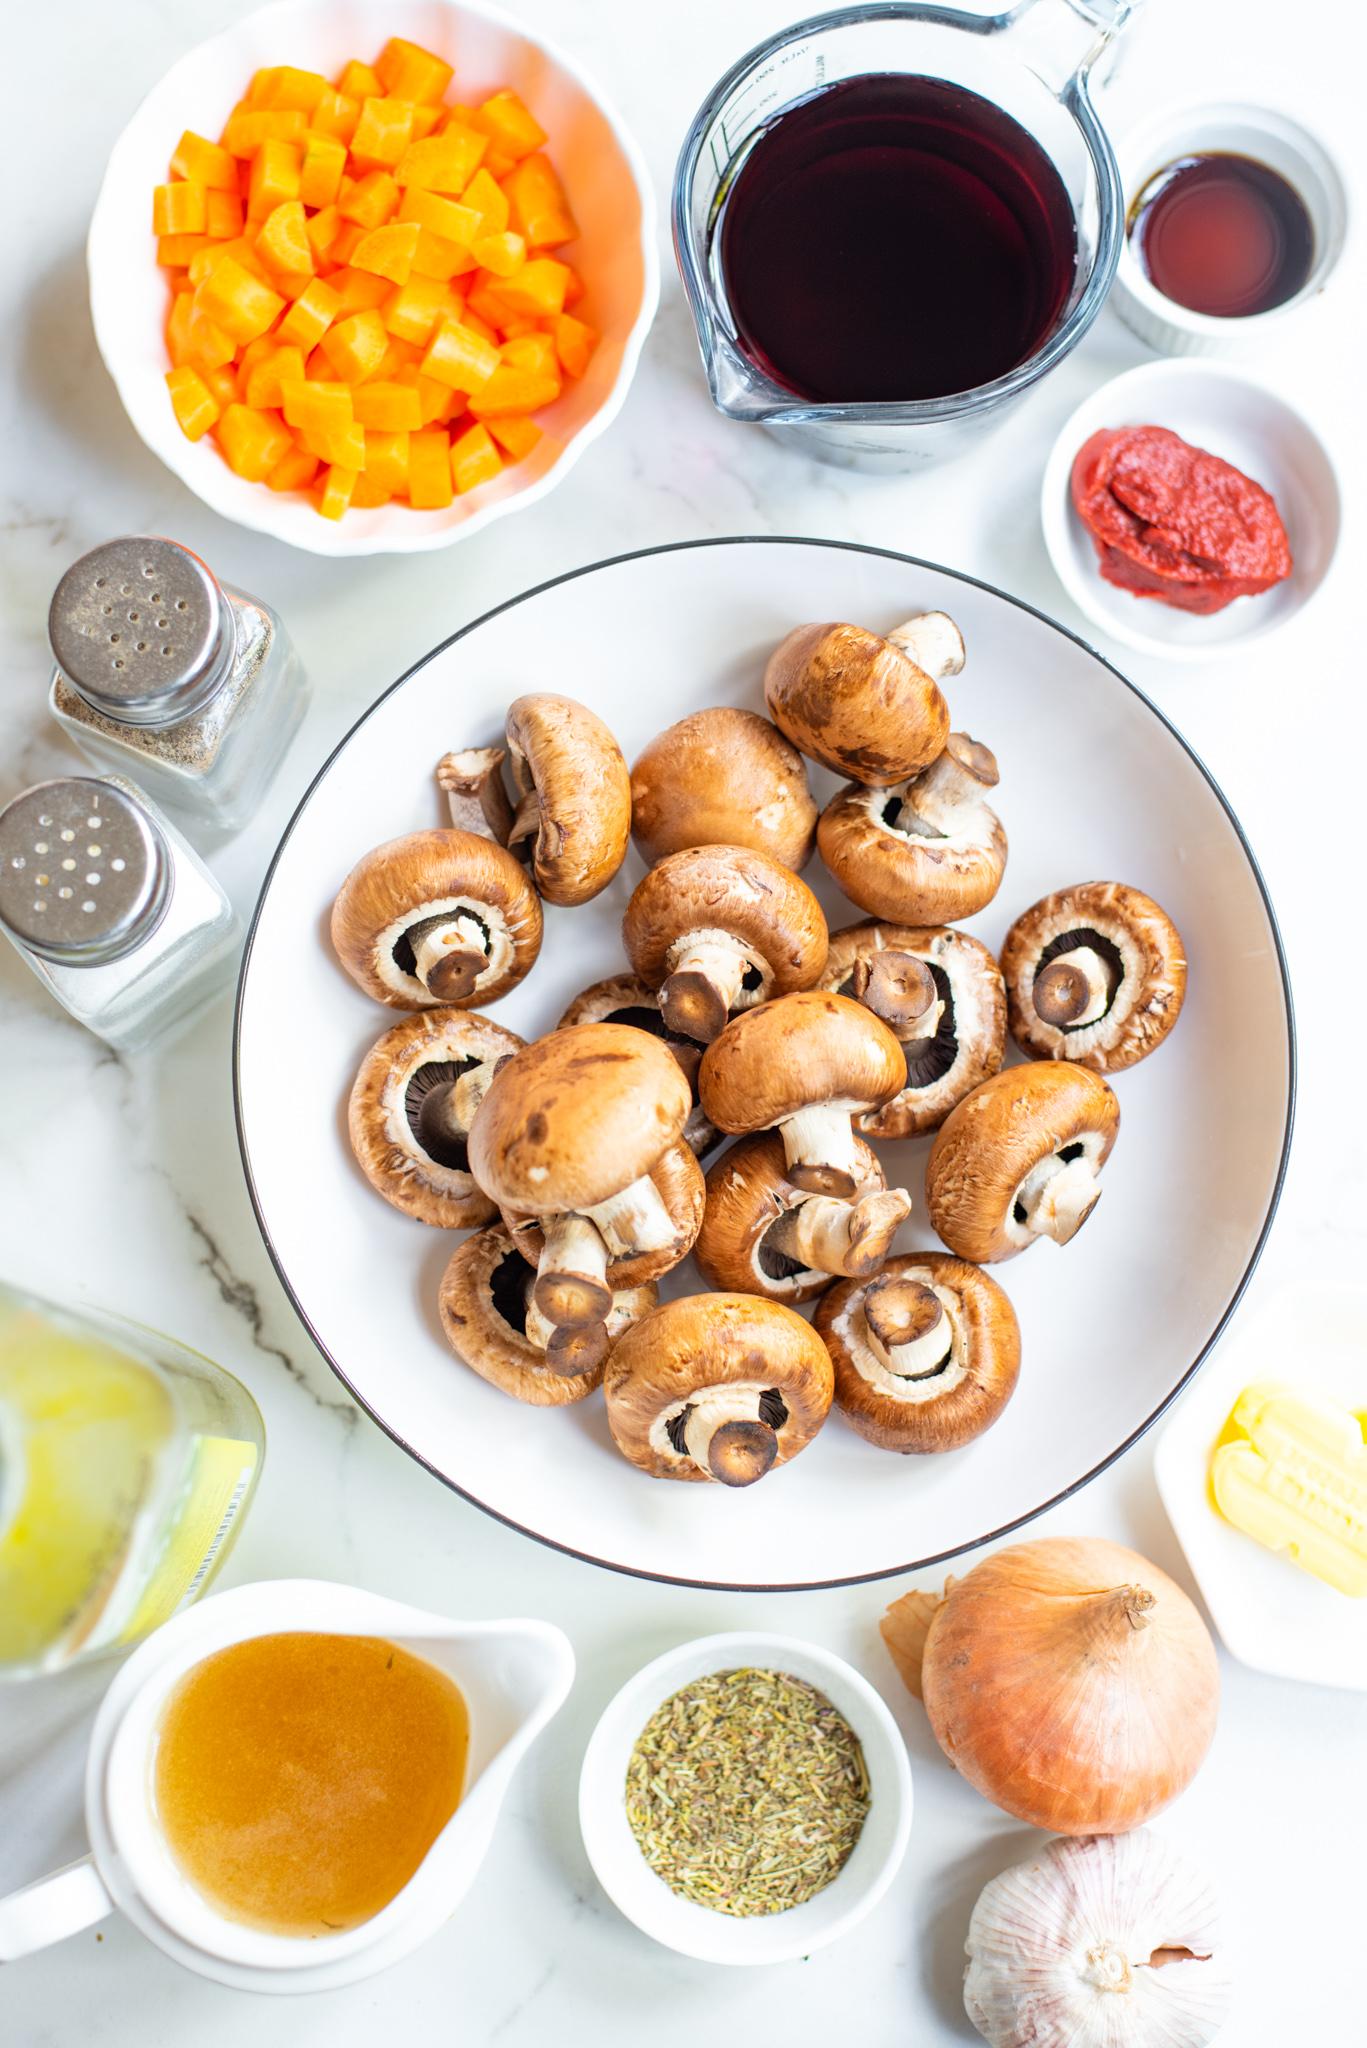 Mushroom Bourguignon ingredients.